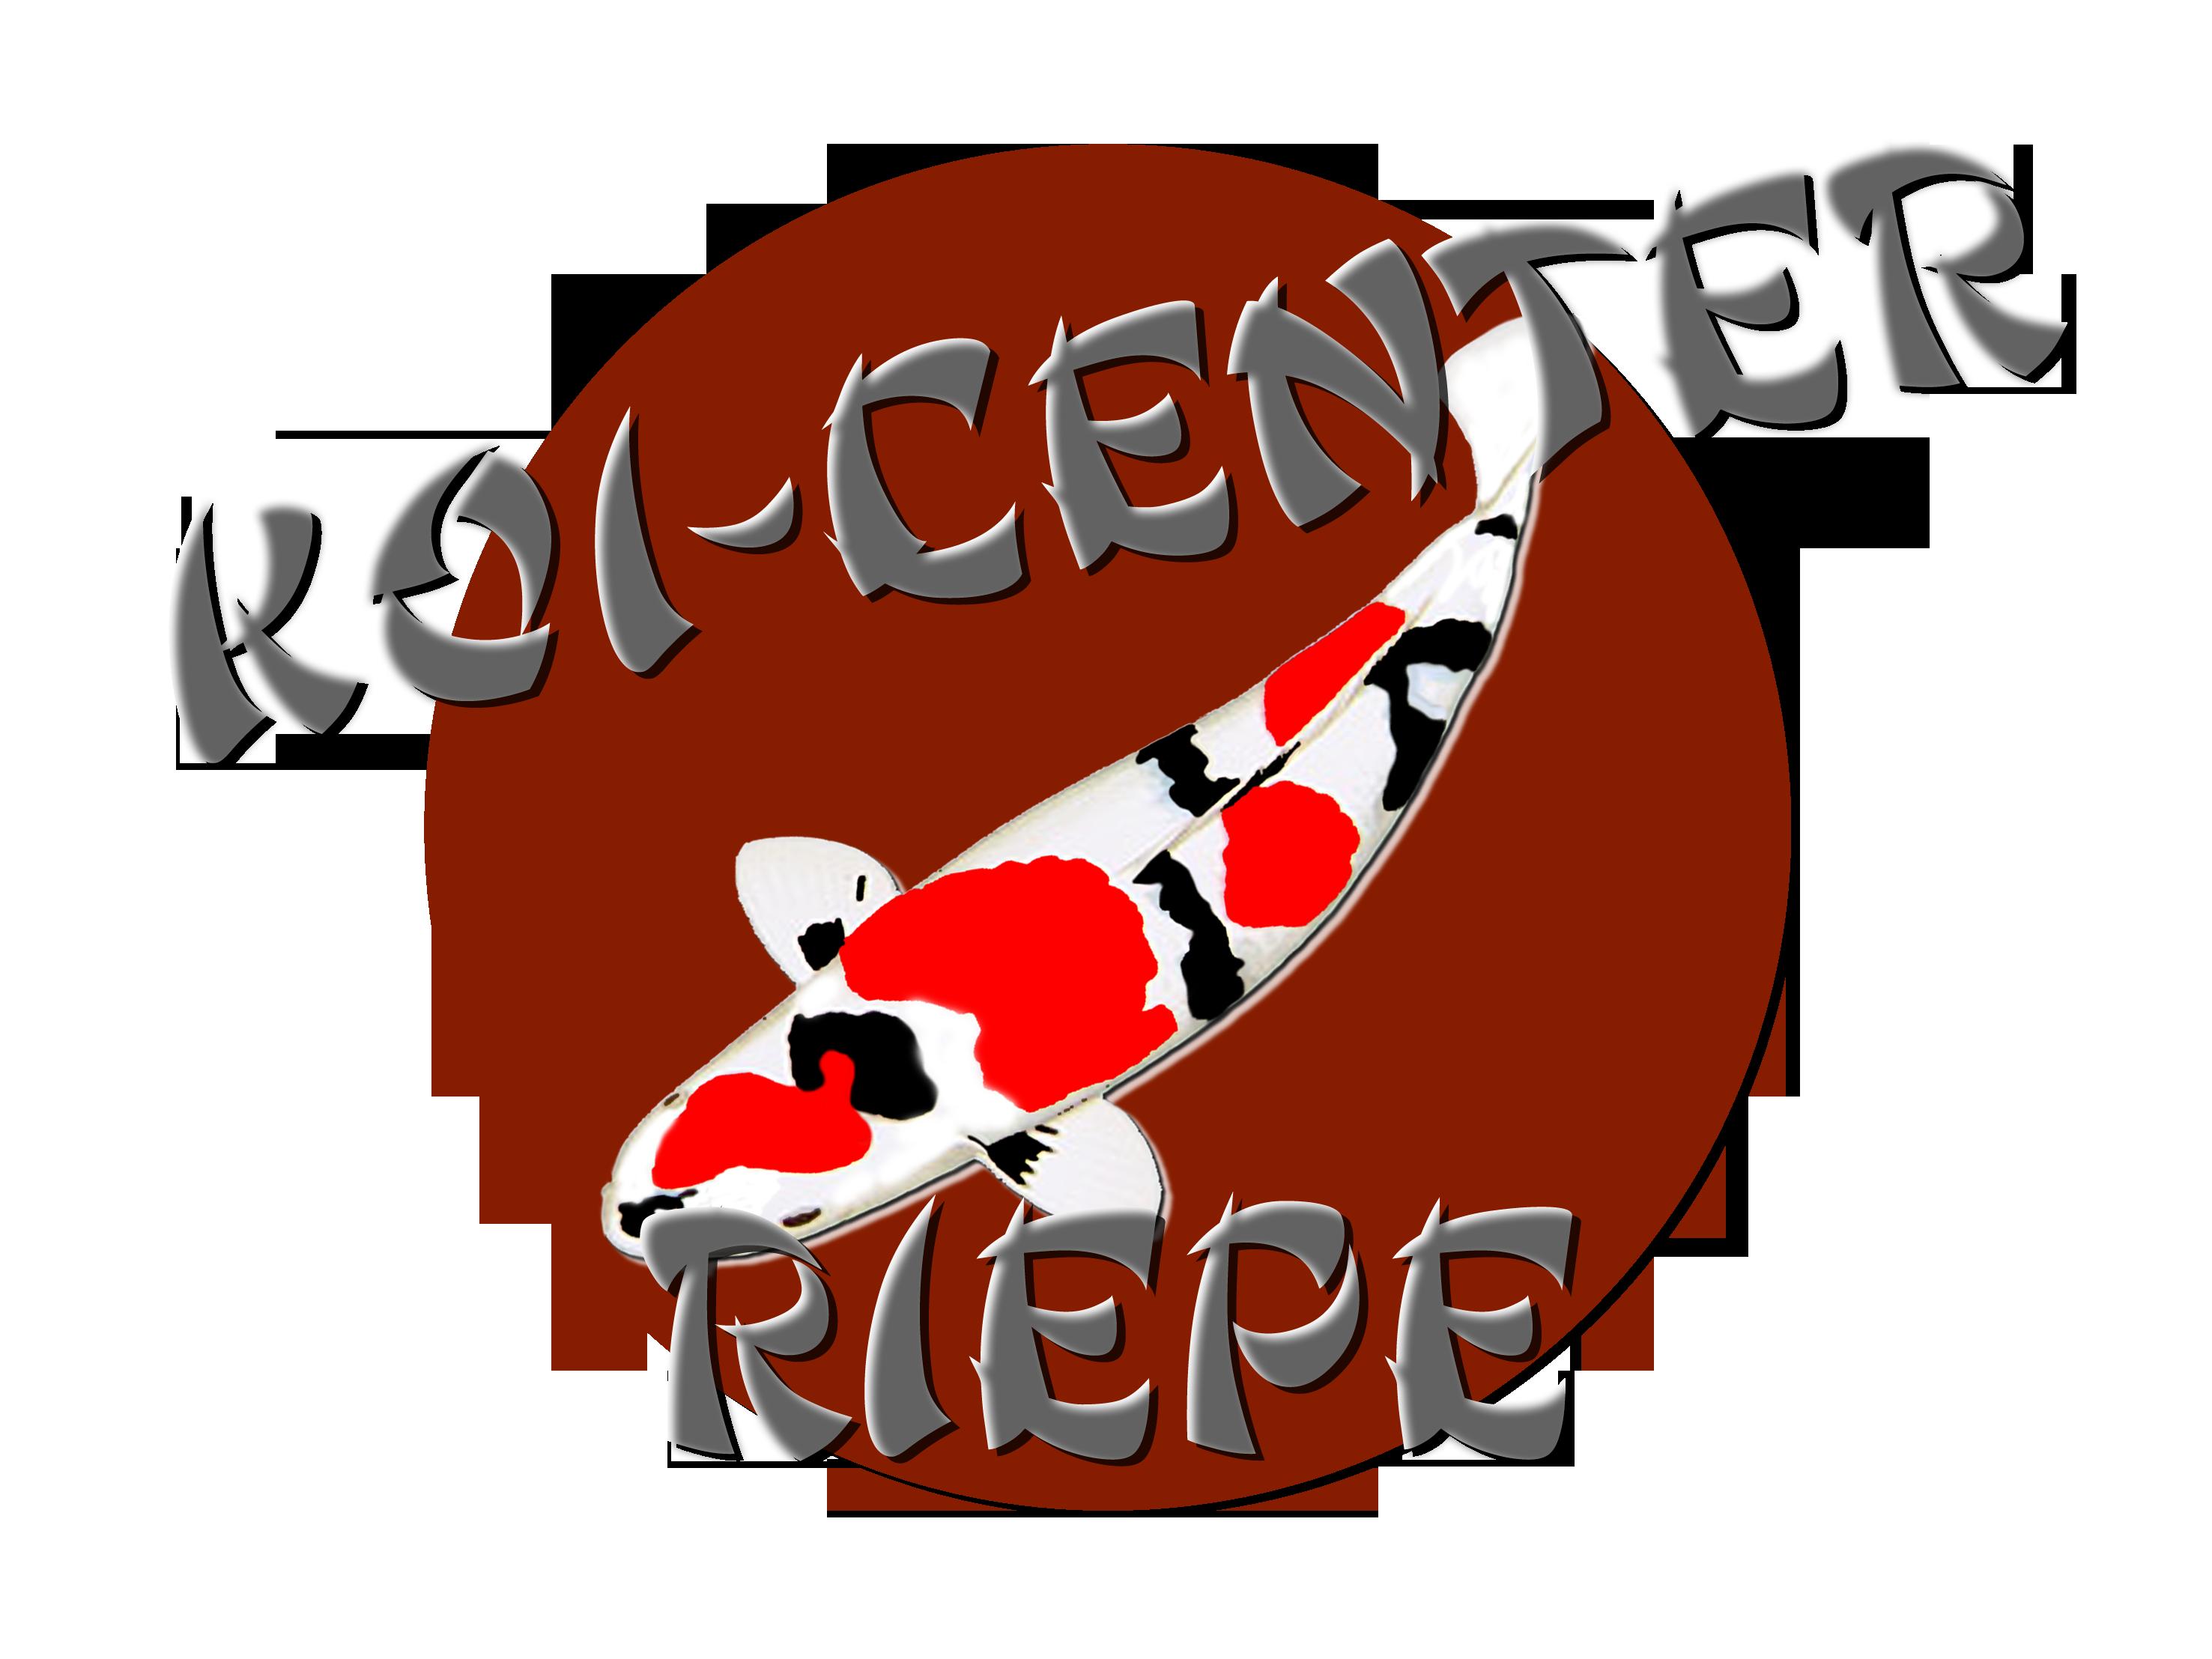 Koi-Center Riepe GmbH